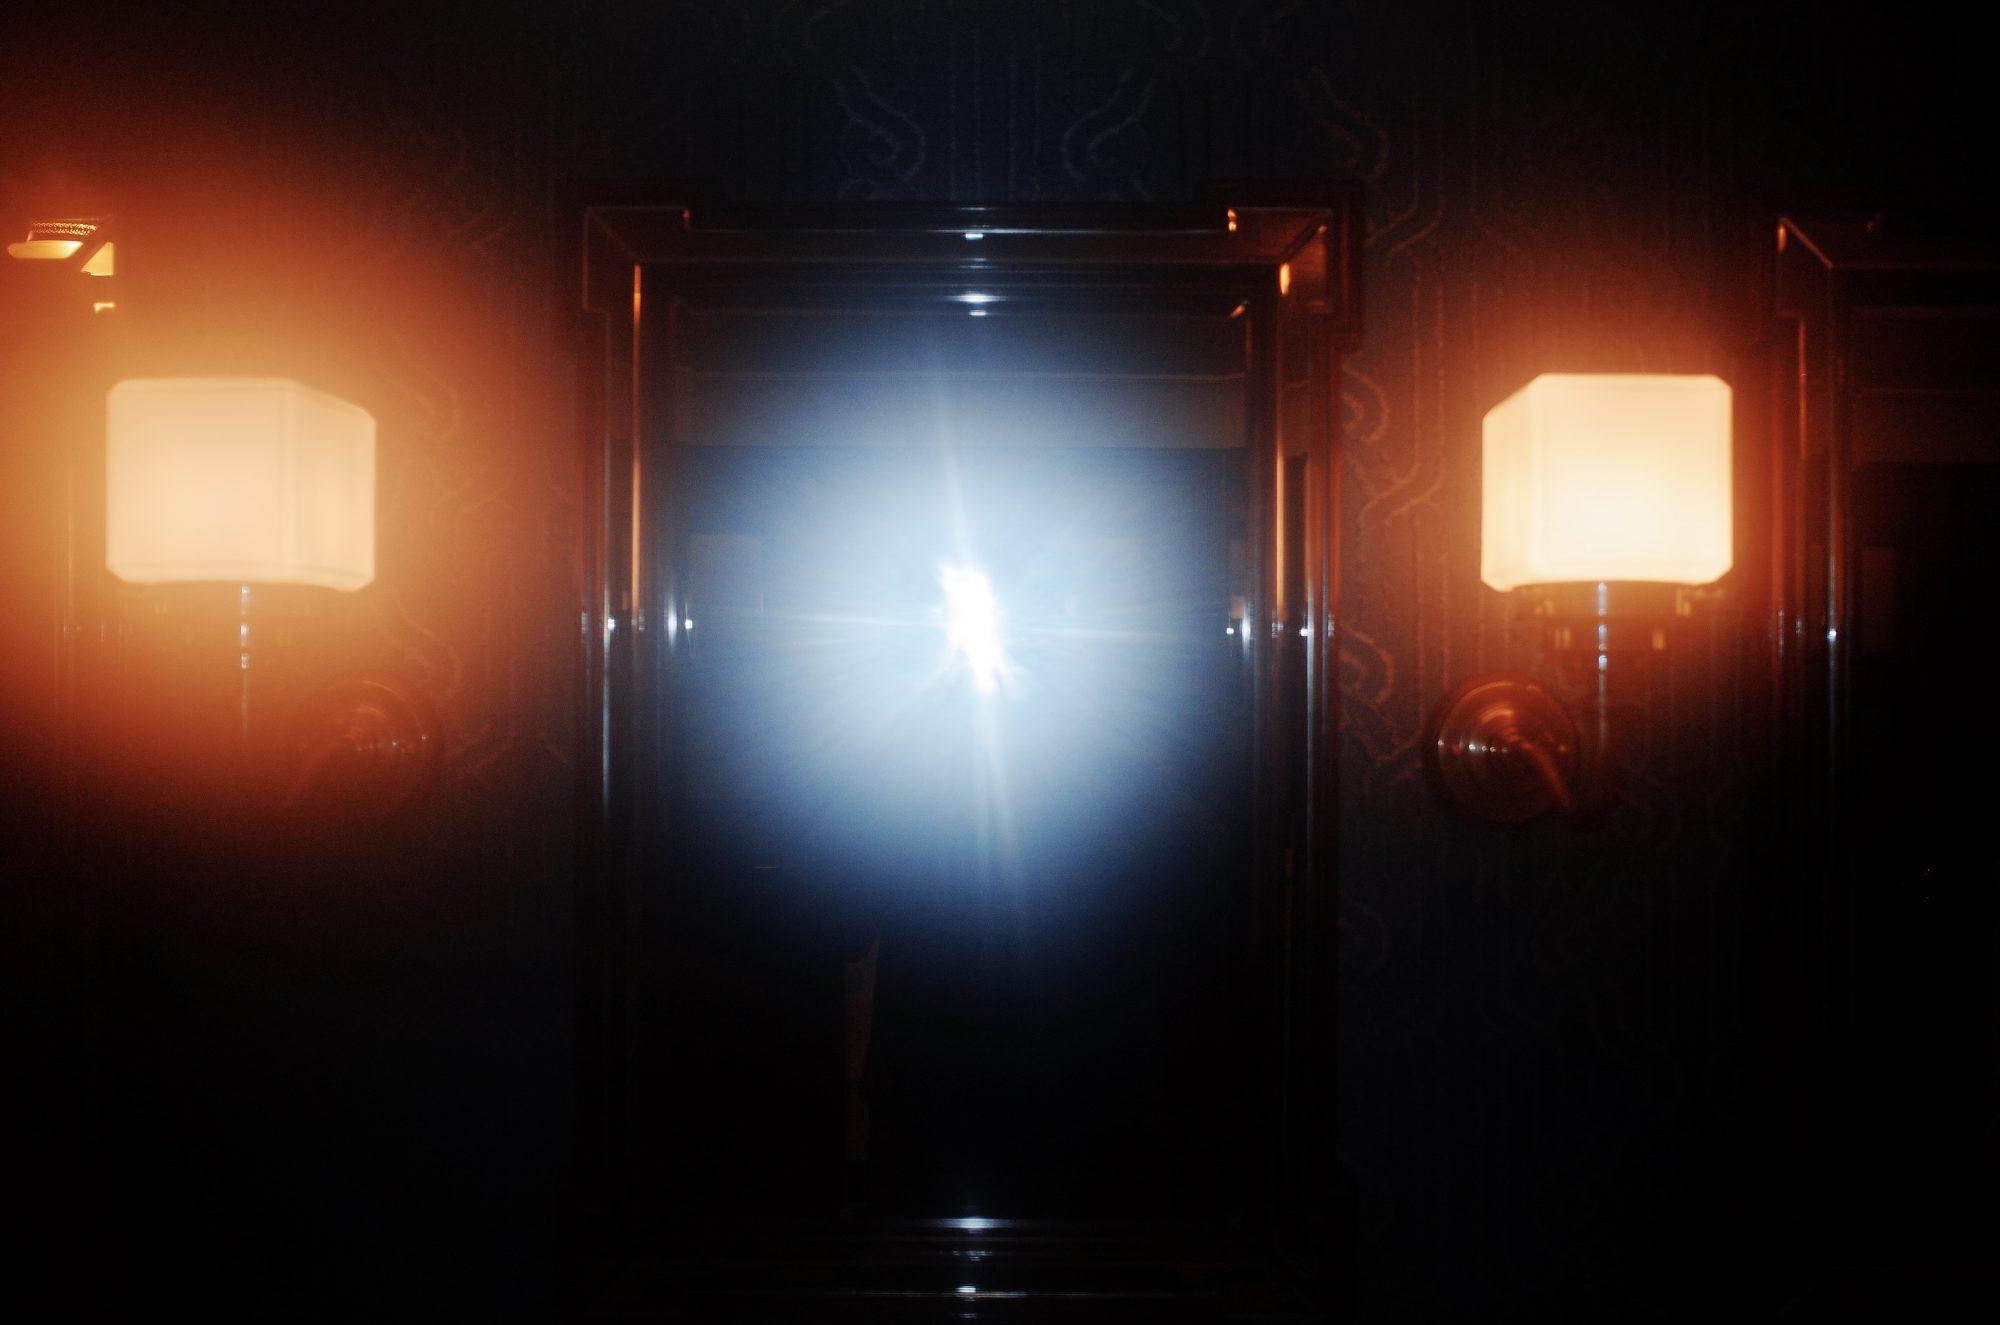 Foggy out of focus selfie in London bathroom, 2018